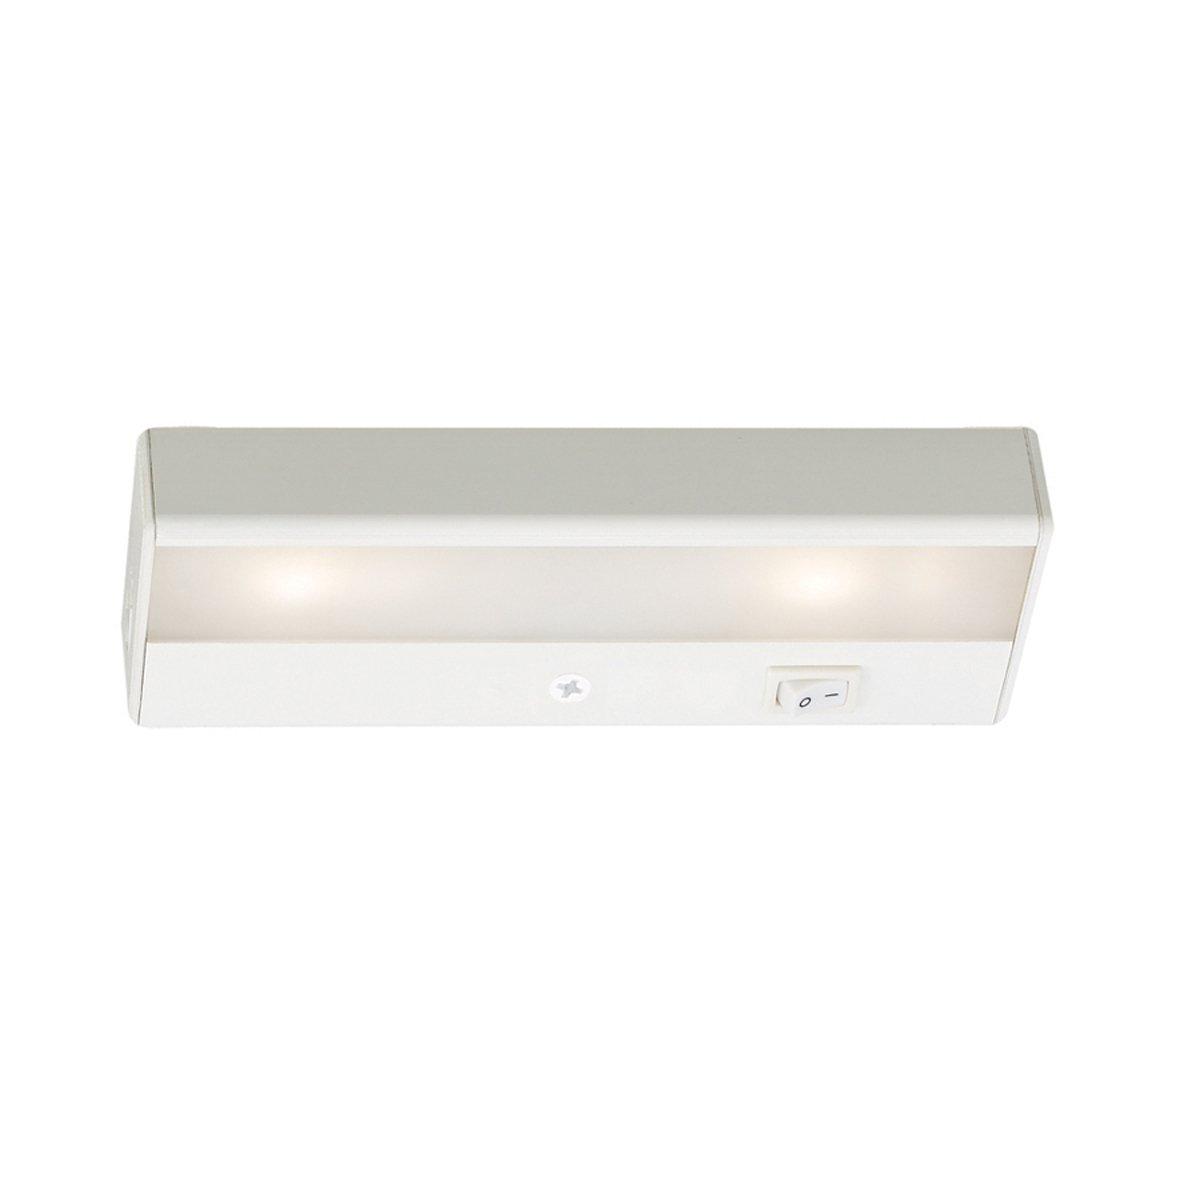 """WAC Lighting BA-LED2-27-WT 2700K Warm White LEDme 120V Light Bar, 8"""", White"""